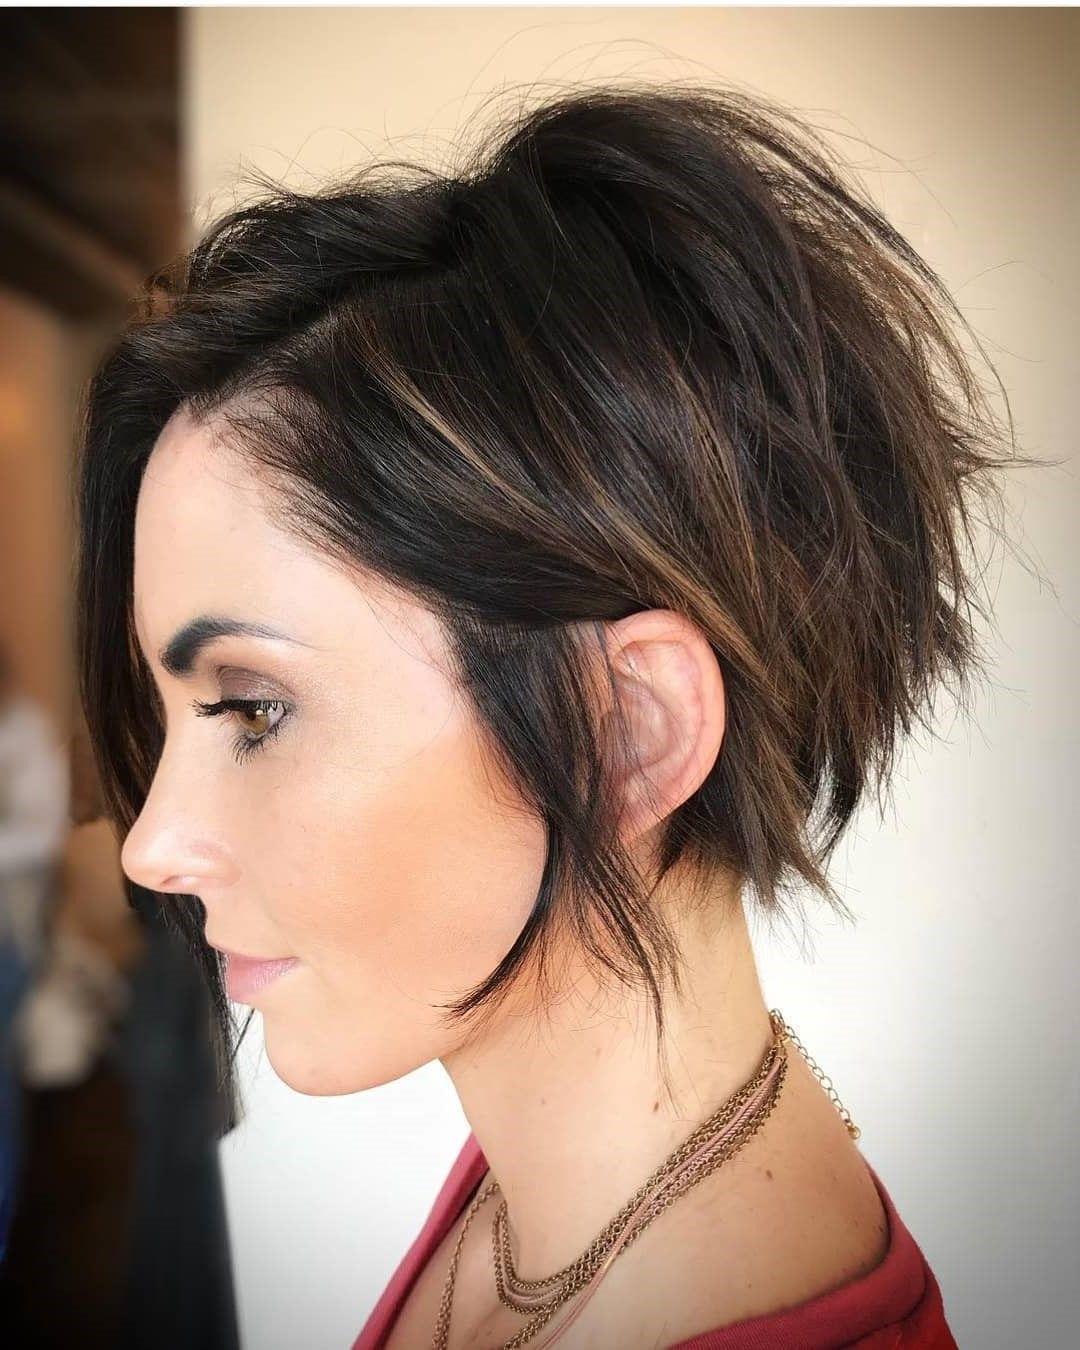 55 styles de coupe pixie + astuces bonus pour le coiffage des cheveux - Coiffures, Mode et Beauté - ZENIDEES